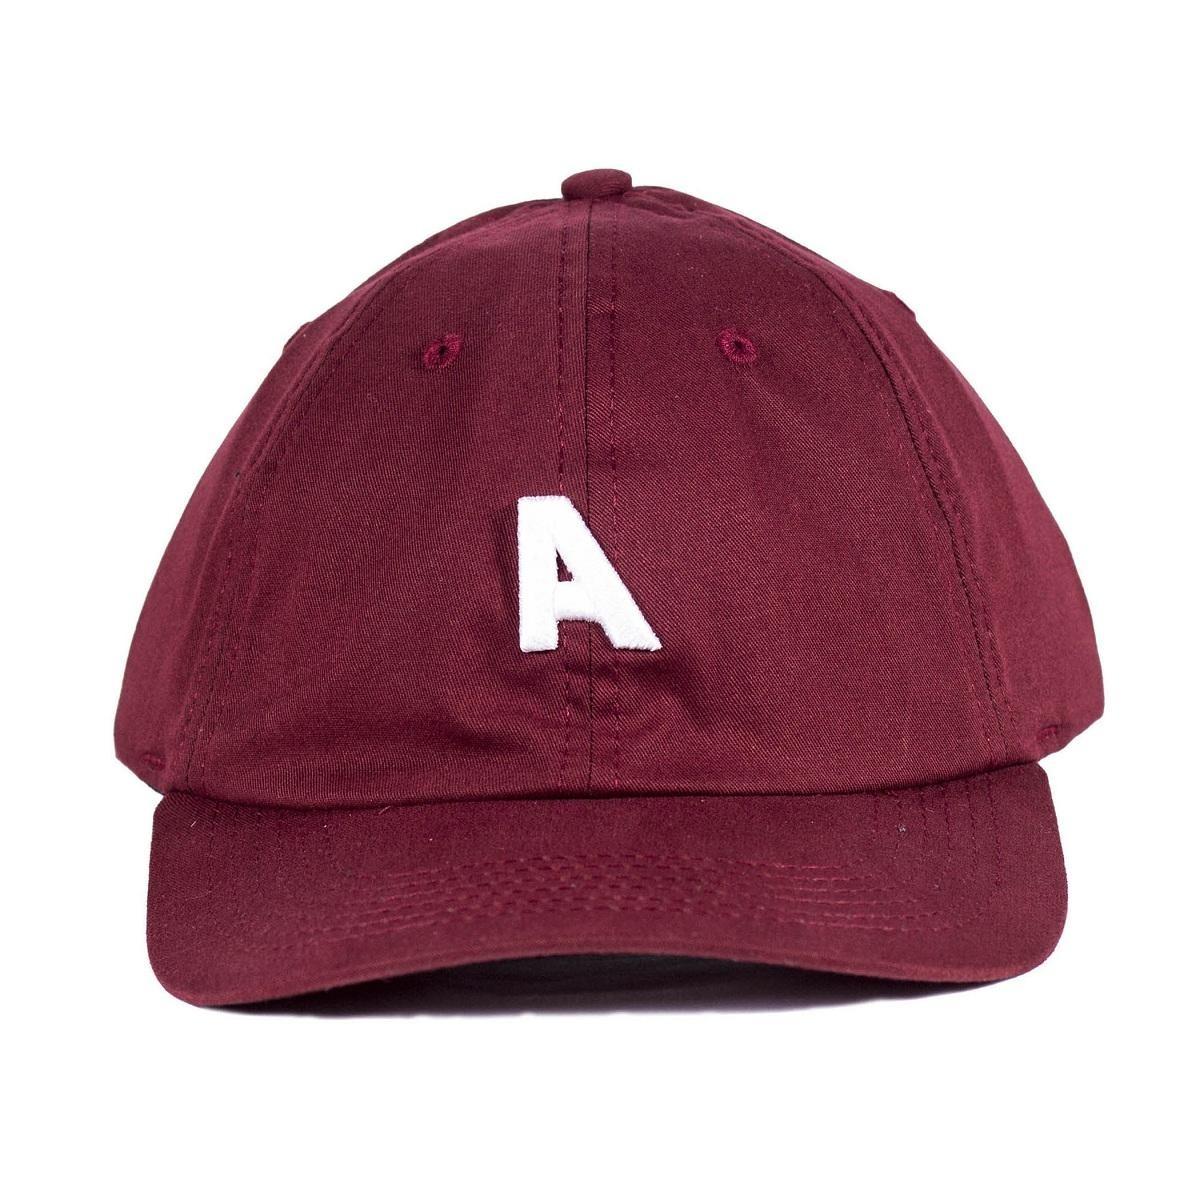 900f5f36e27db boné alfa dad hats pro model silas ribeiro vinho. Carregando zoom.